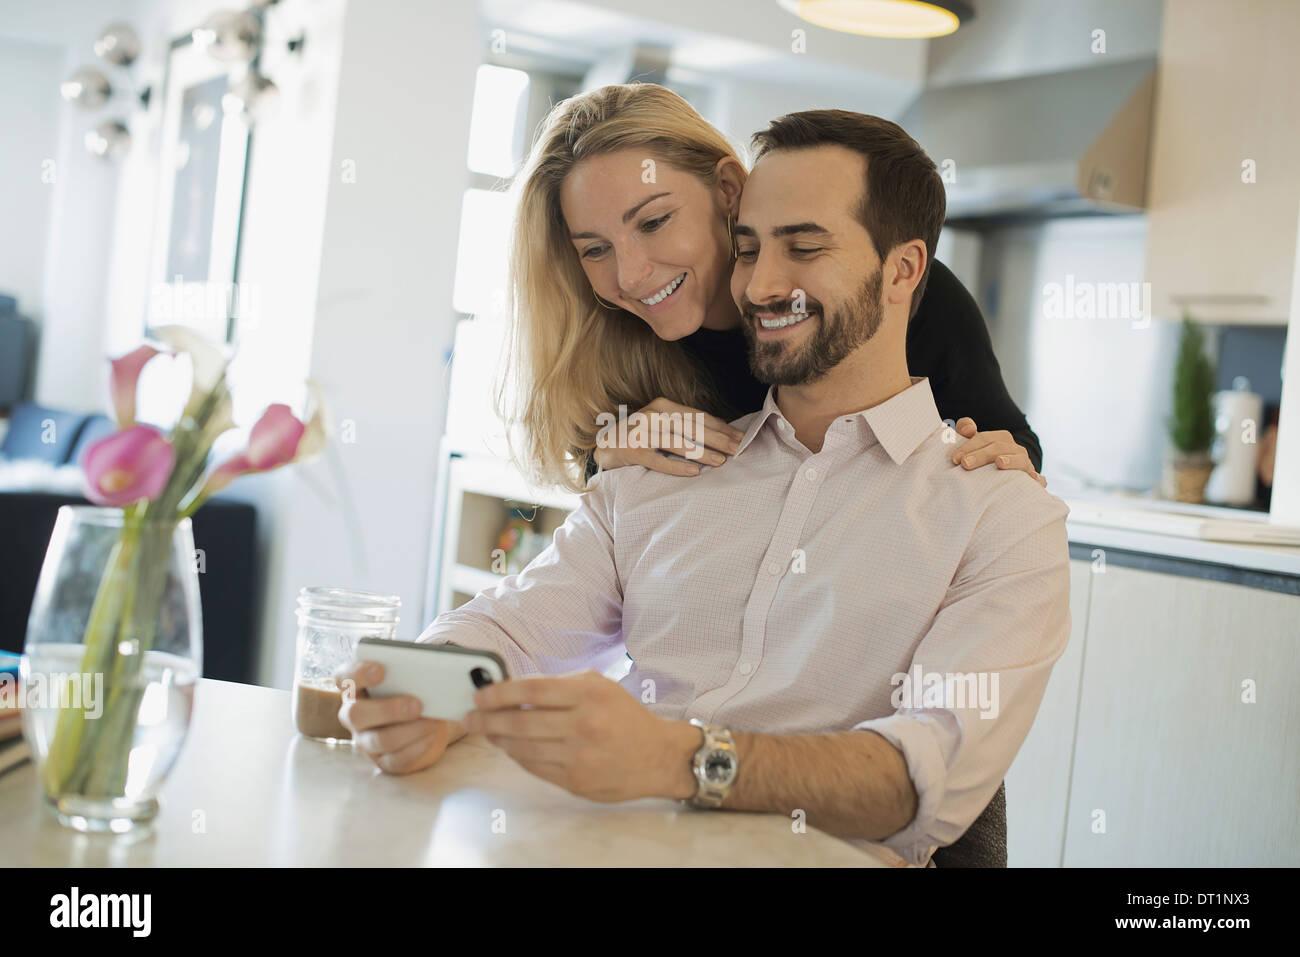 Pareja en el hogar mirando fotos en el smartphone Imagen De Stock